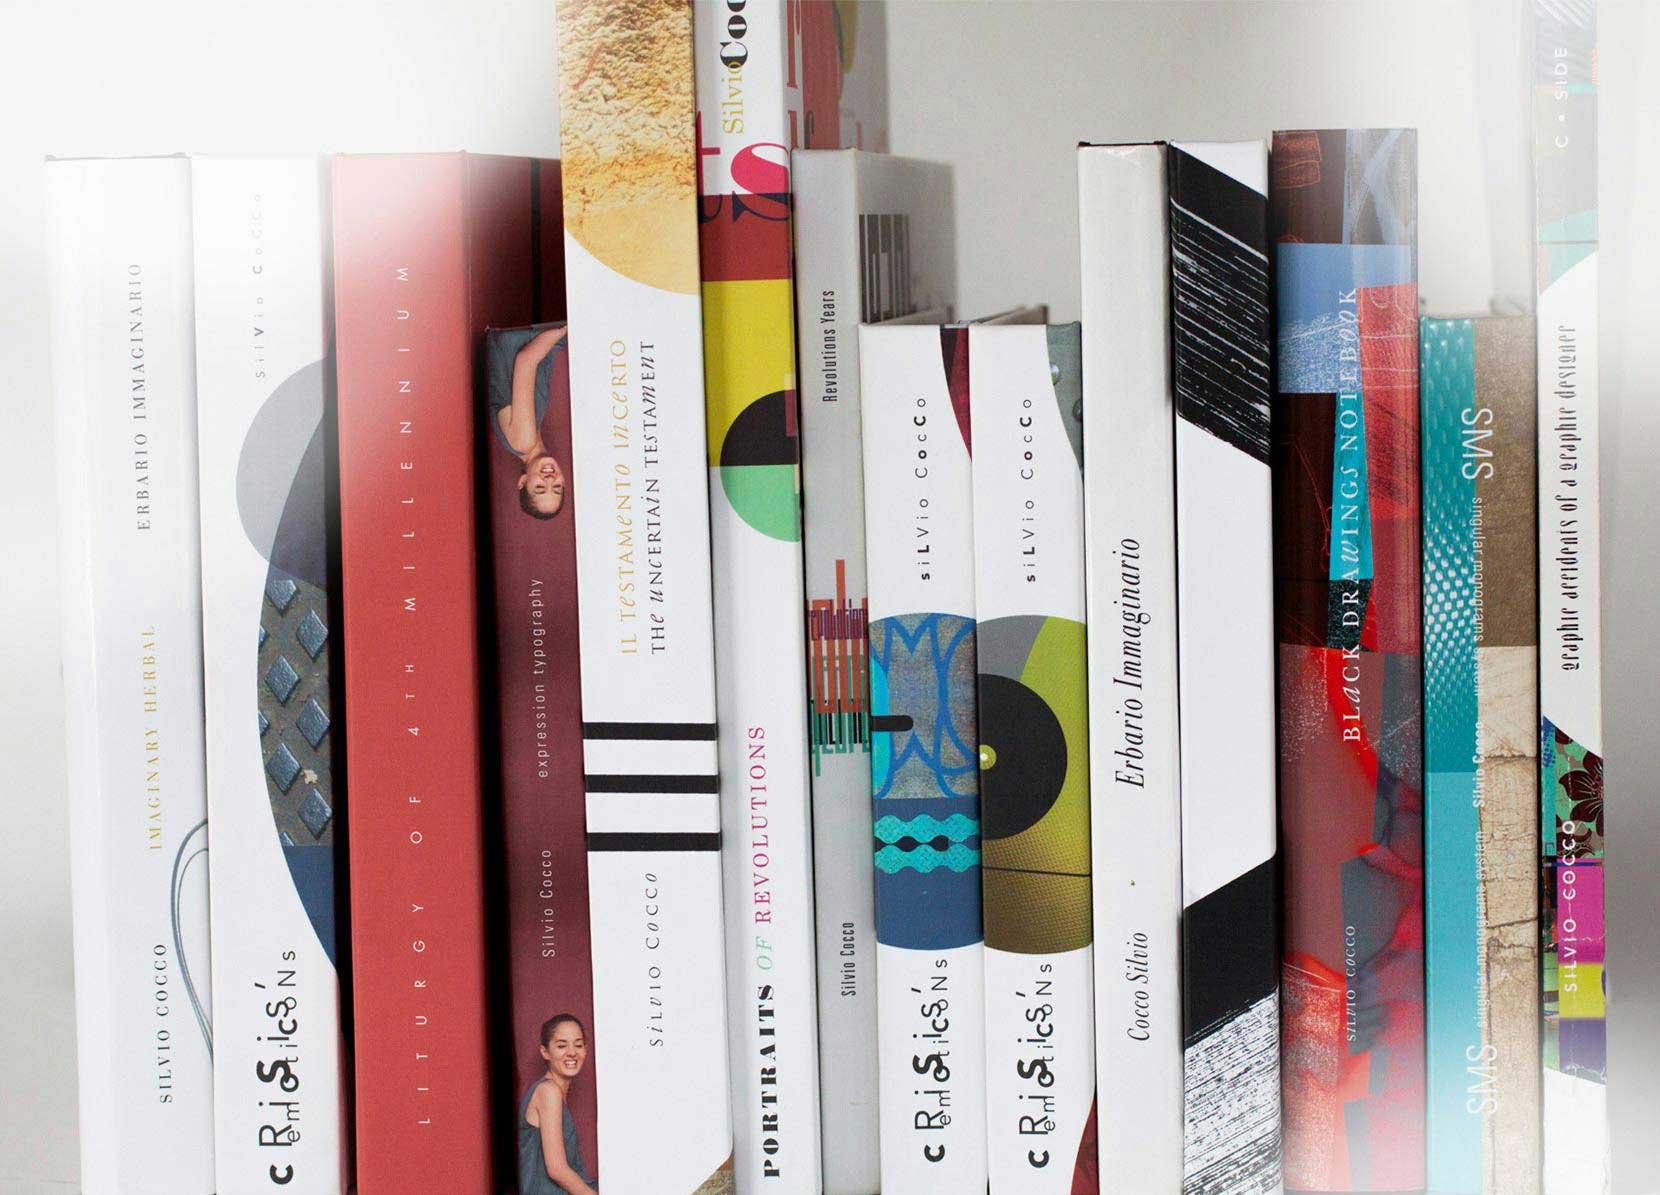 silvio-cocco-design-art-books